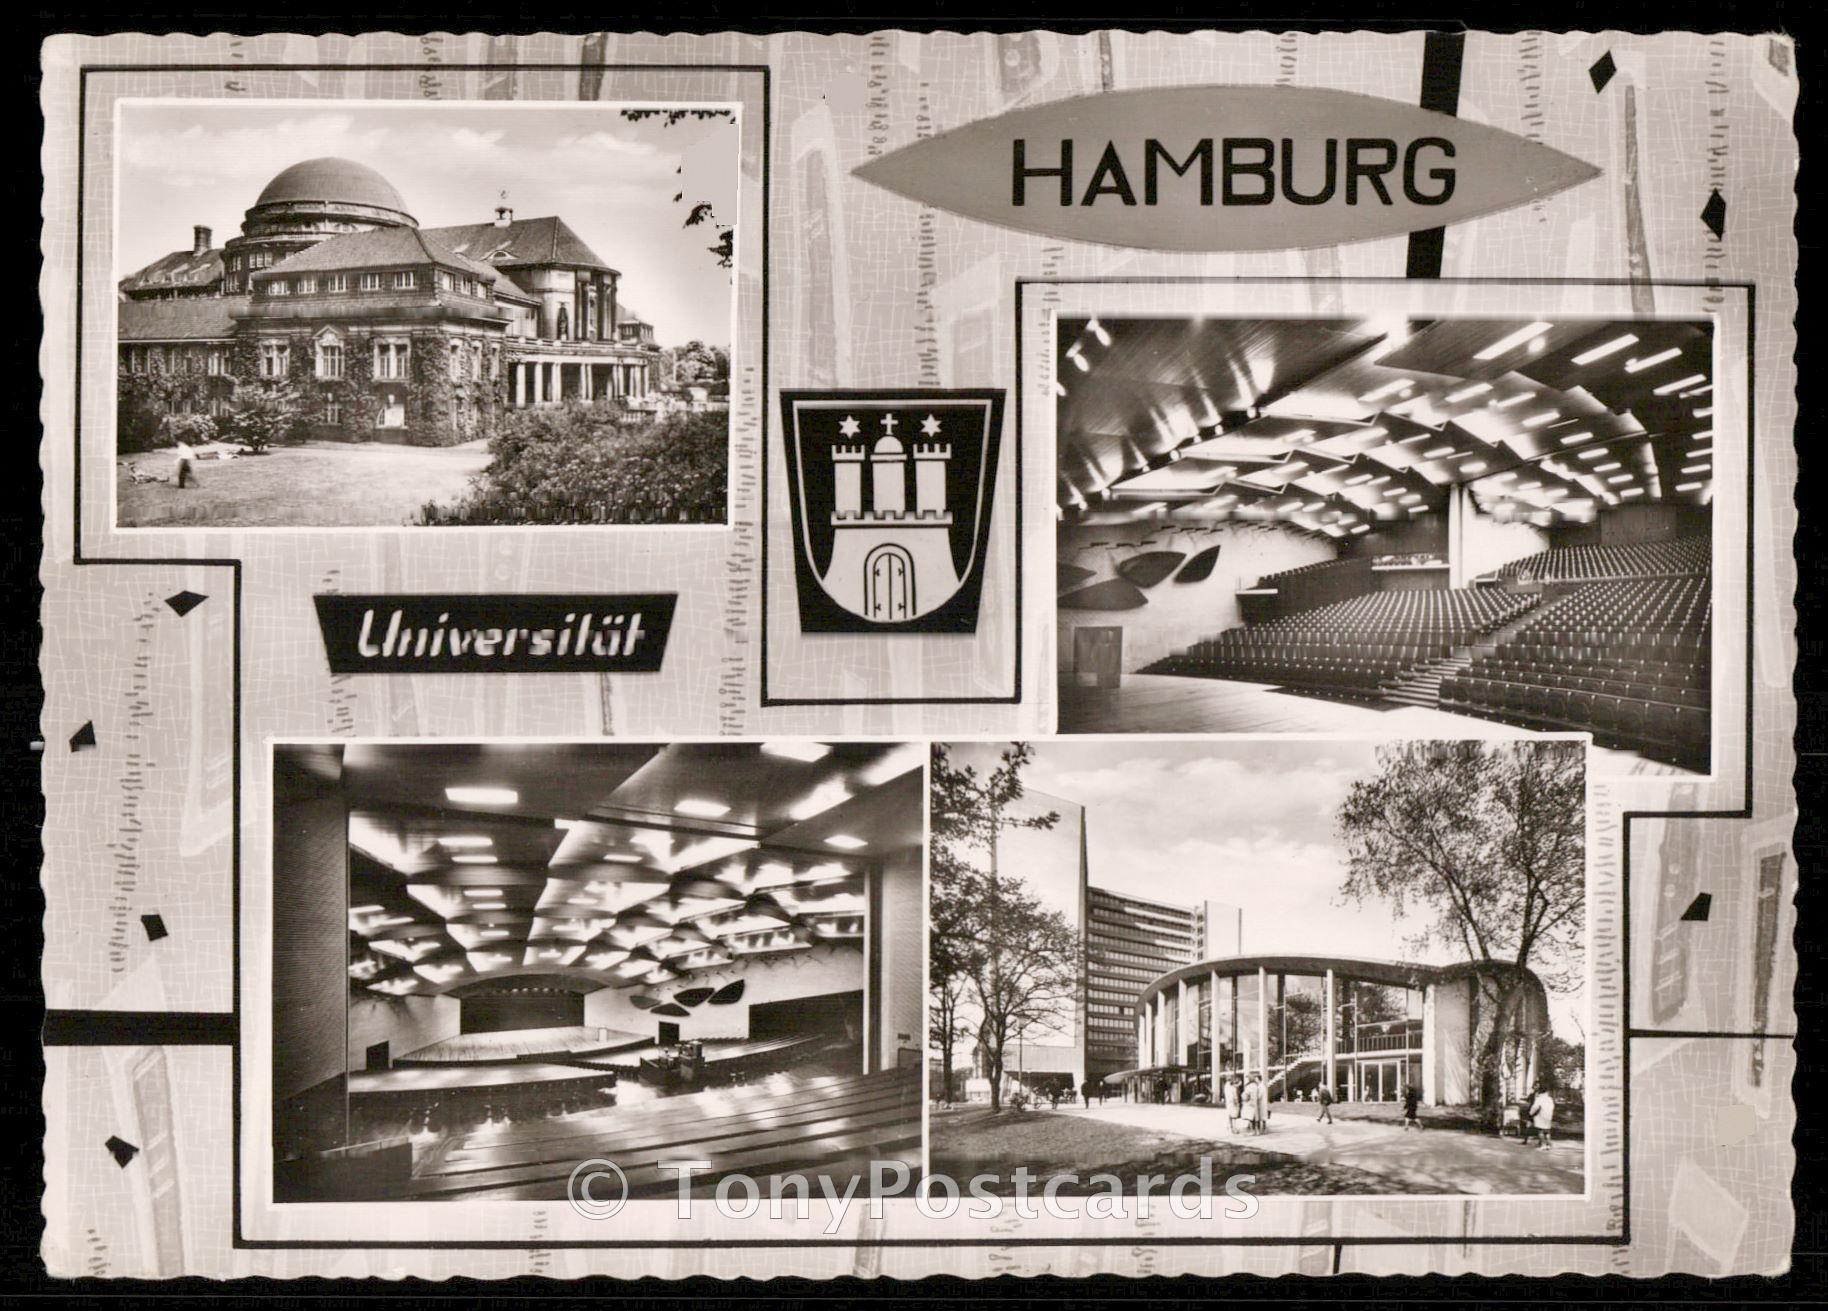 Hamburg universitat hippostcard for Hamburg universitat